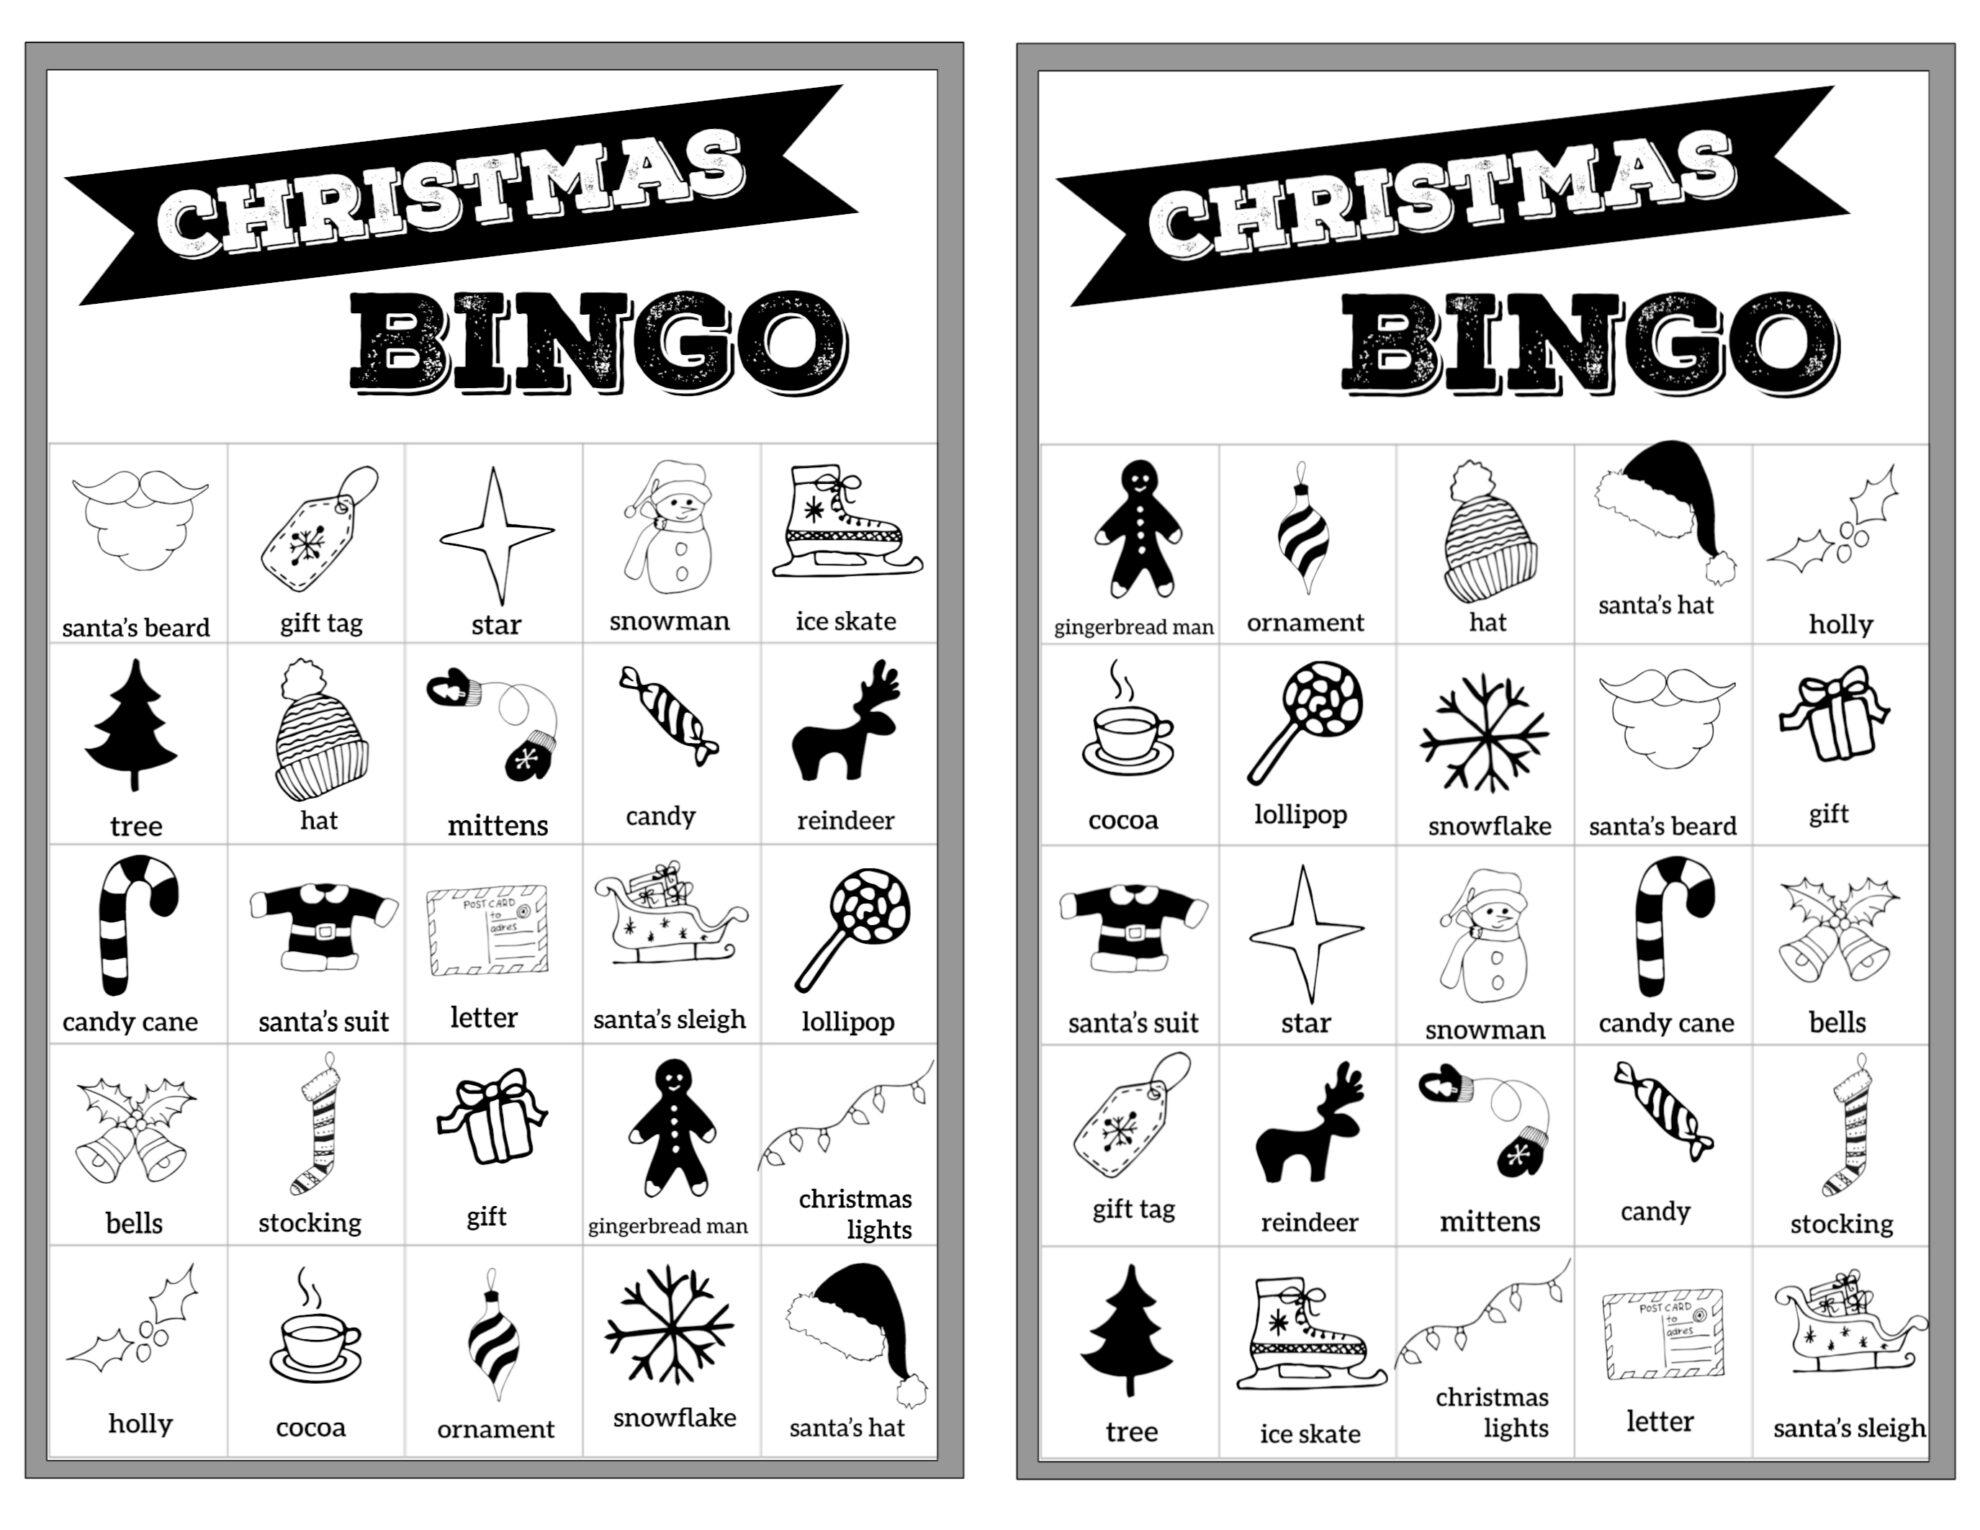 free christmas bingo printable cards christmas bingo holiday game for a christmas party or classroom - Christmas Bingo Printable